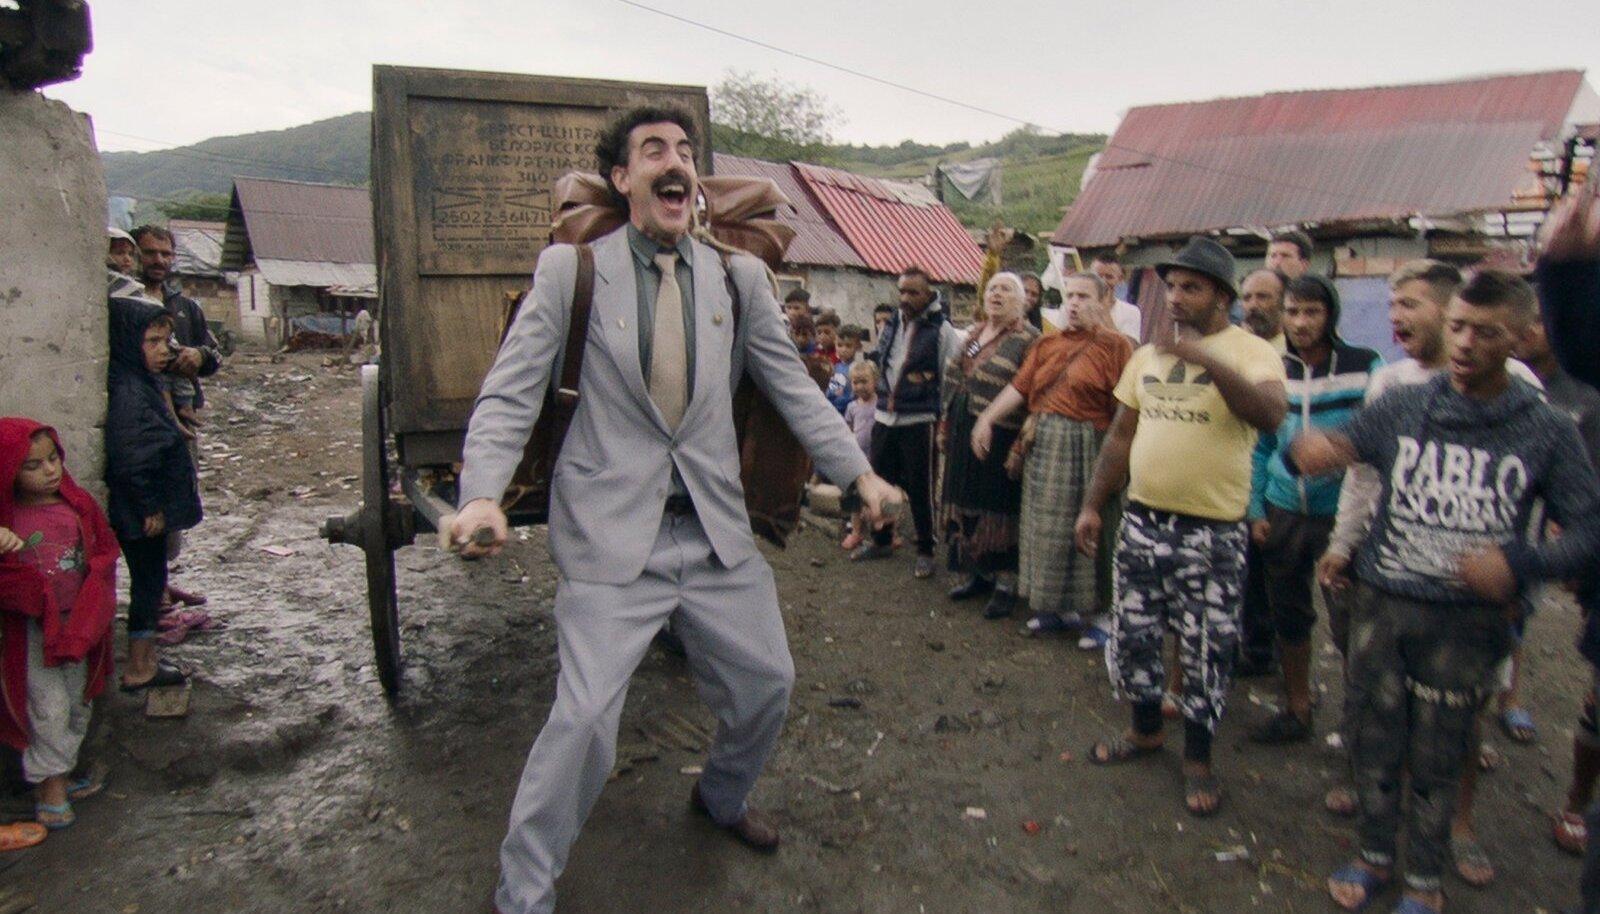 """KASAHSTAN ON LEPPINUD: Kui Borati eelmiste seikluste aegu oli Kasahstan tegelase ja filmi peale tige, et nende rahvust ja riiki sedavõrd poolearulisena kujutatakse, siis praeguseks Kasahstan leppinud ja võtnud enda kui turismimaa promolauseks Borati käibefraasi """"Very nice!""""."""